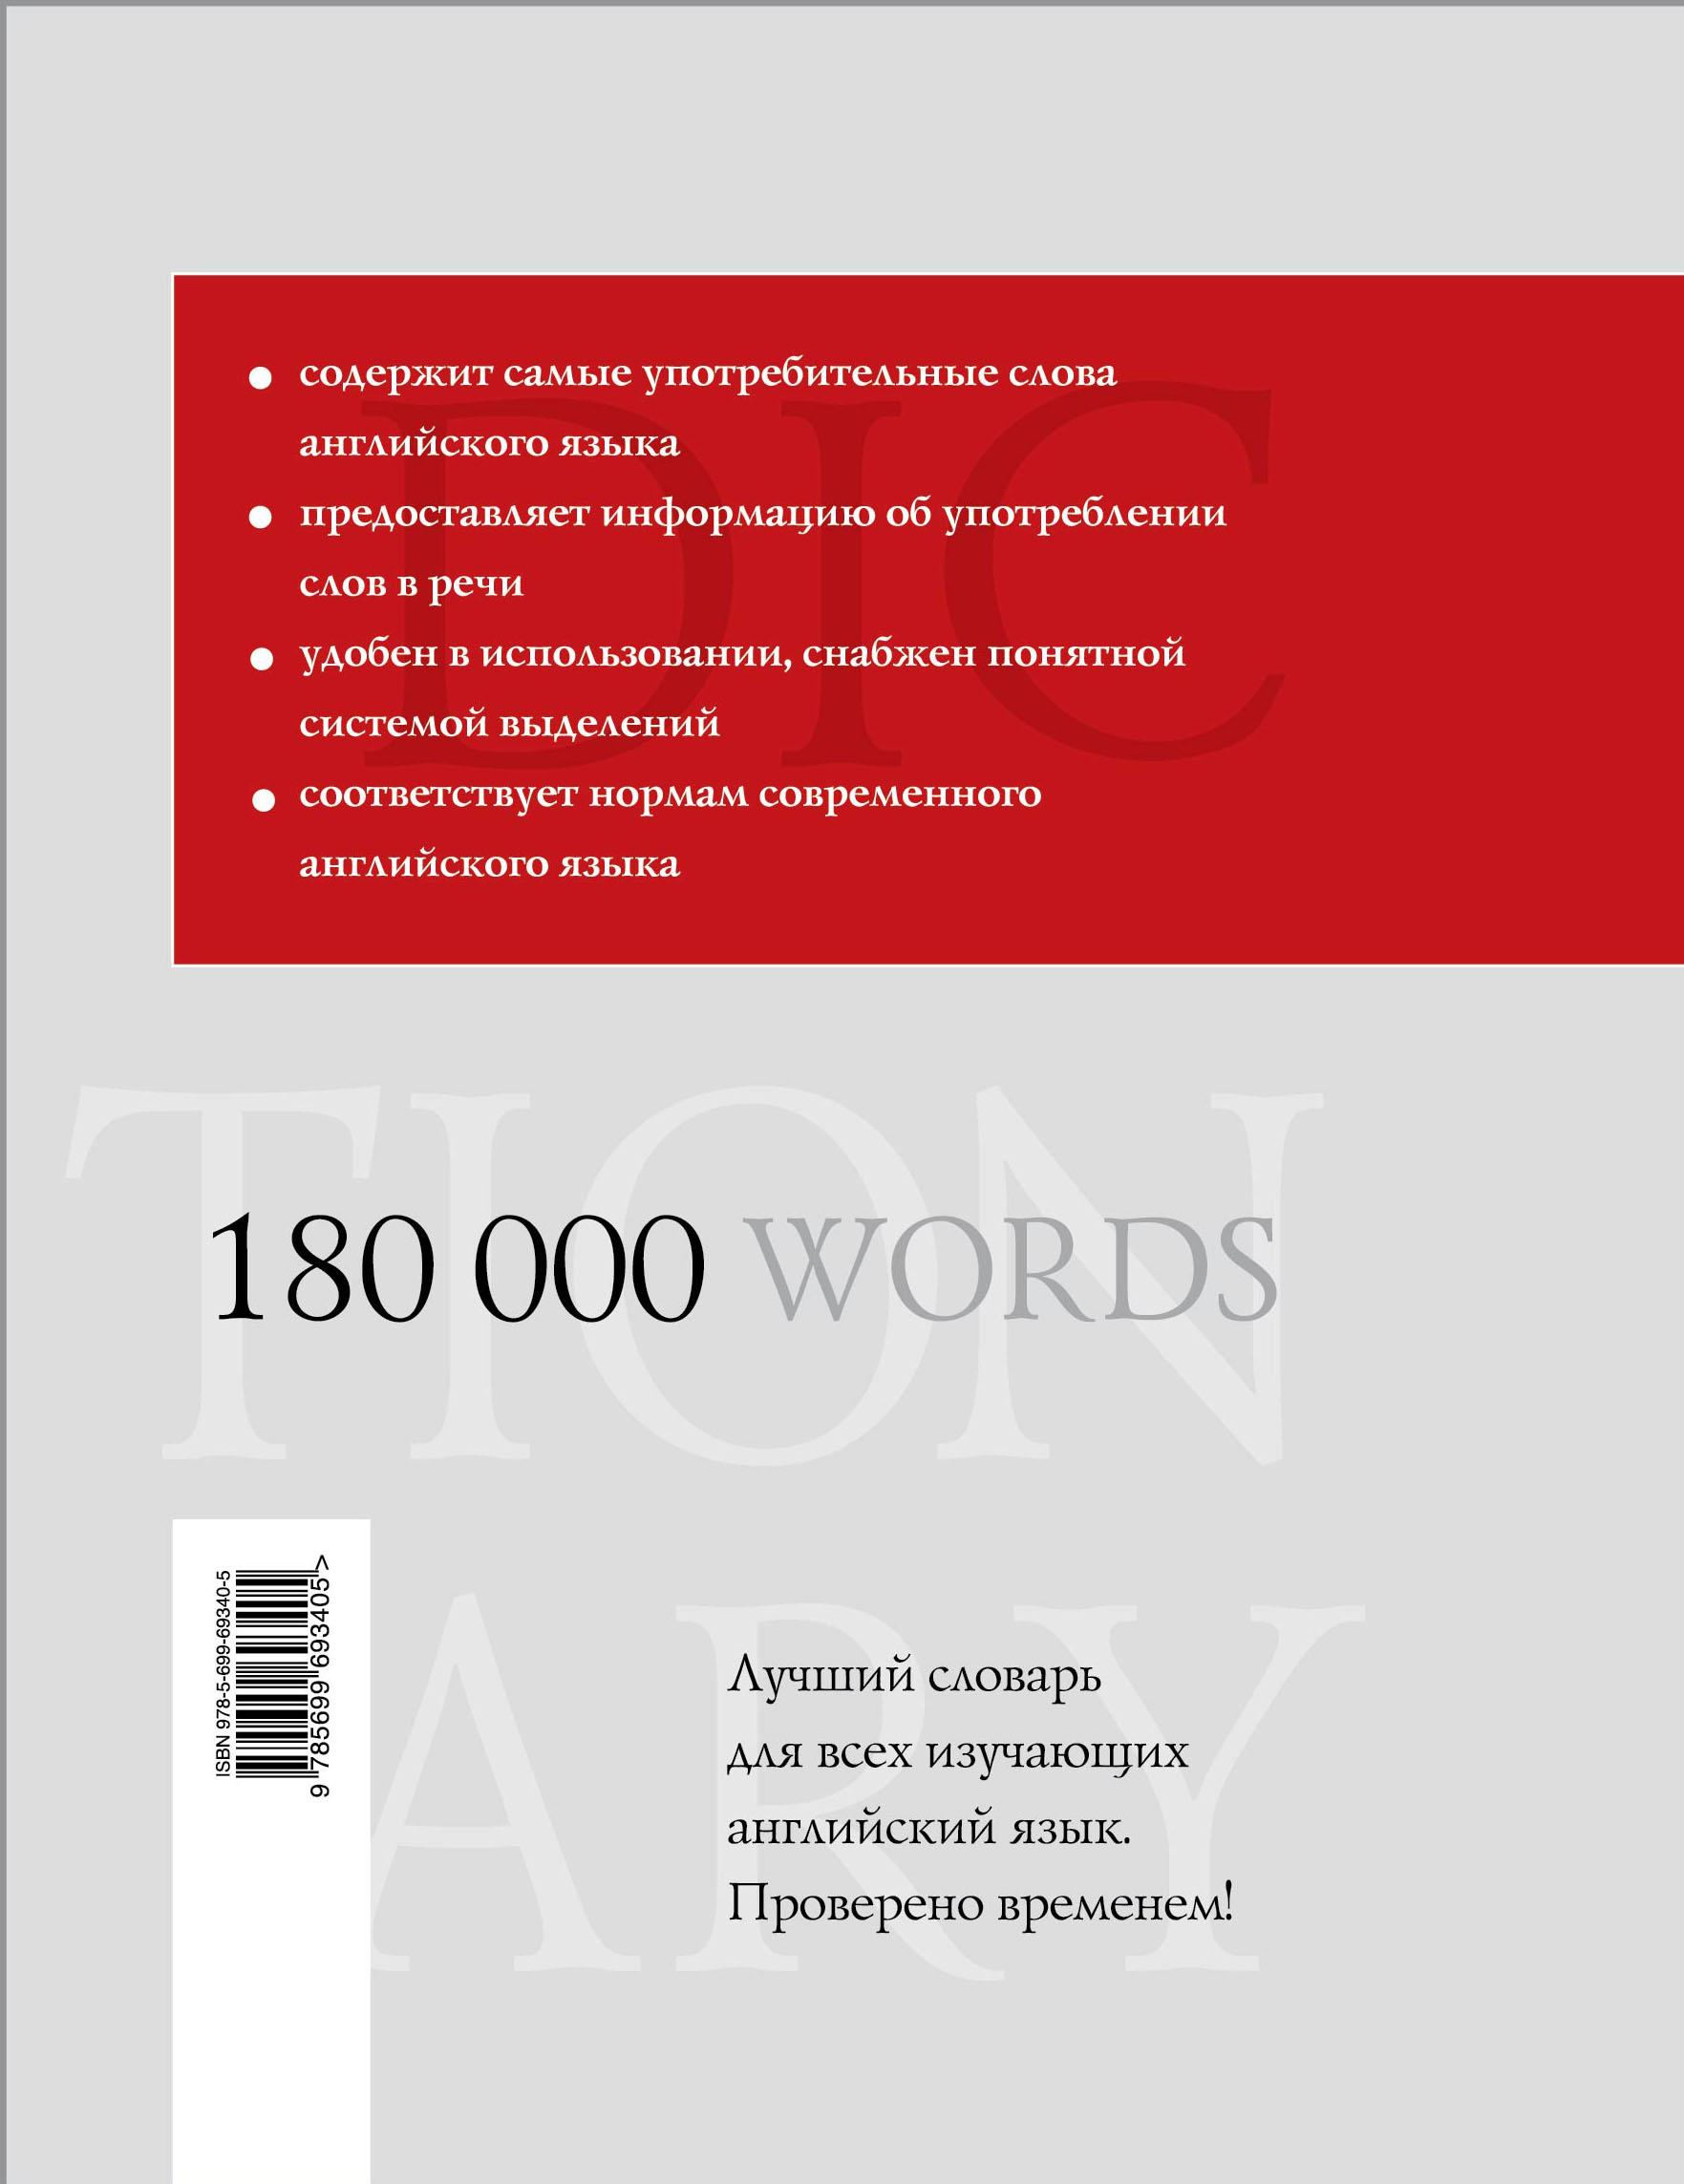 Полный англо-русский словарь / Complete English-Russian Dictionary